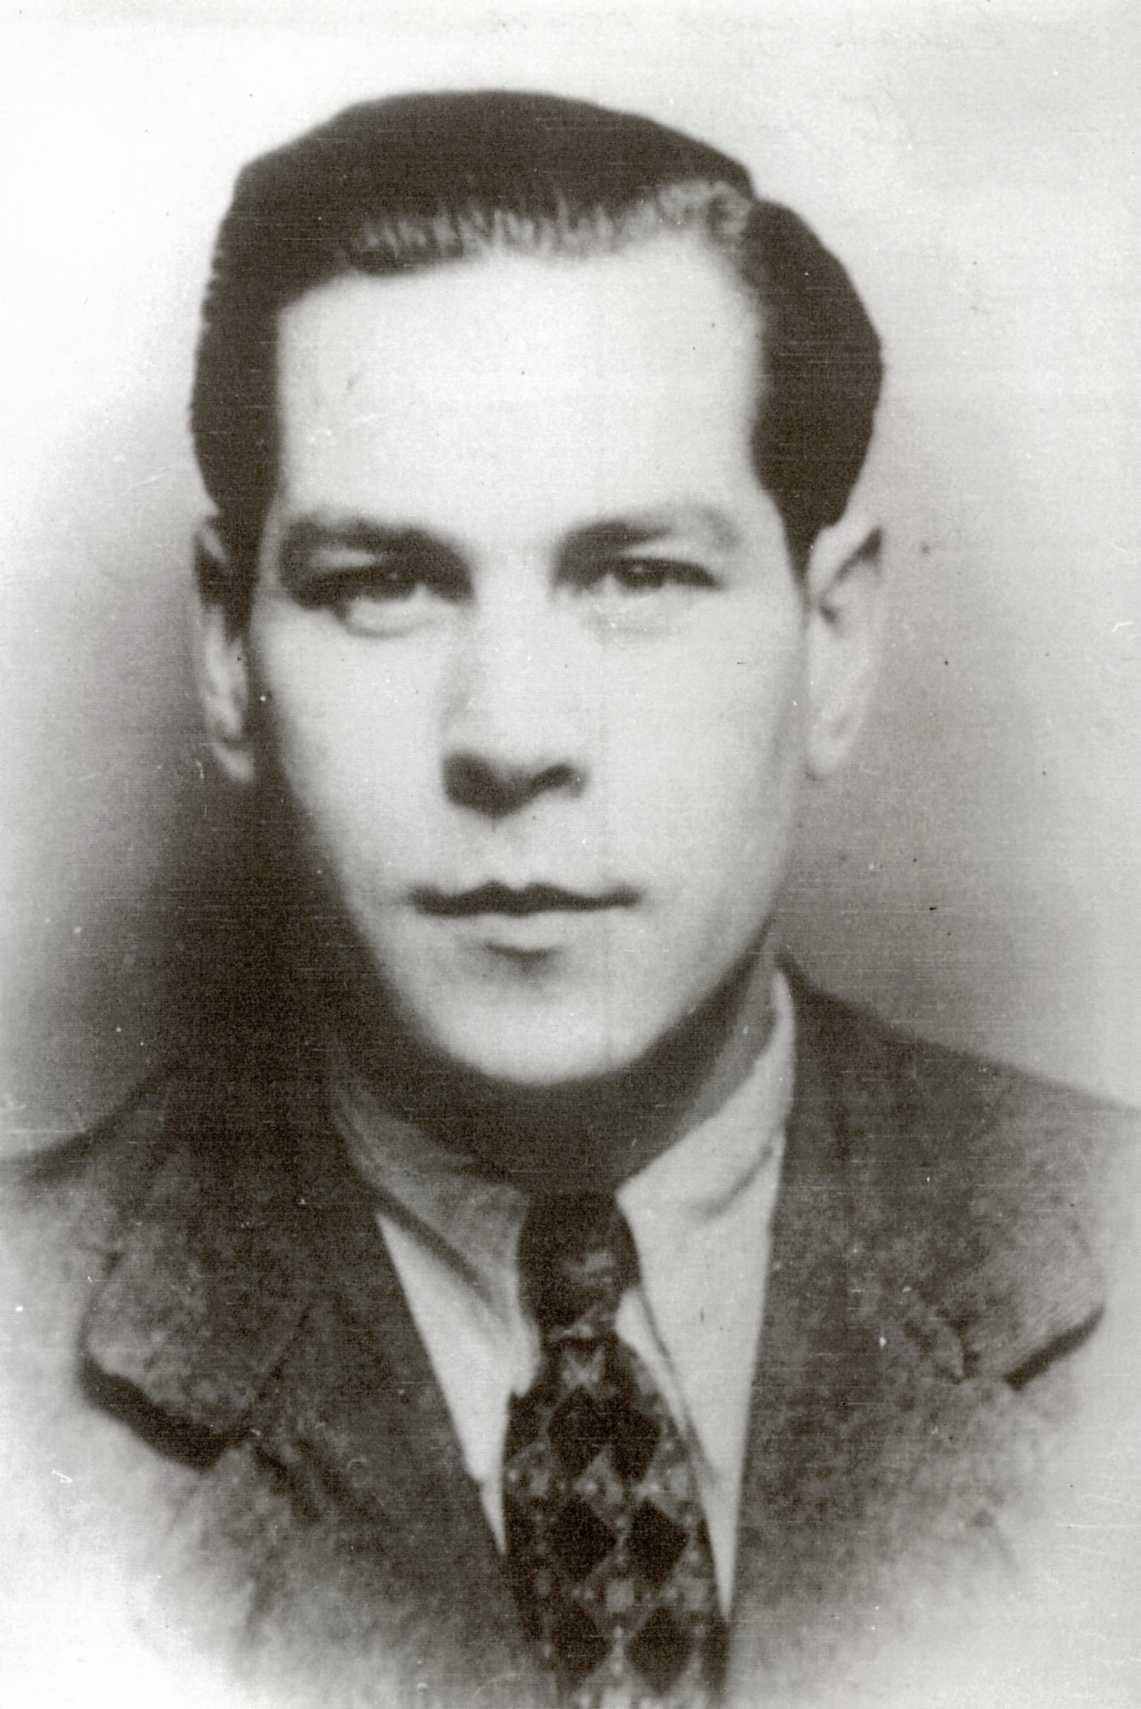 Eduard José Esteve (1942)